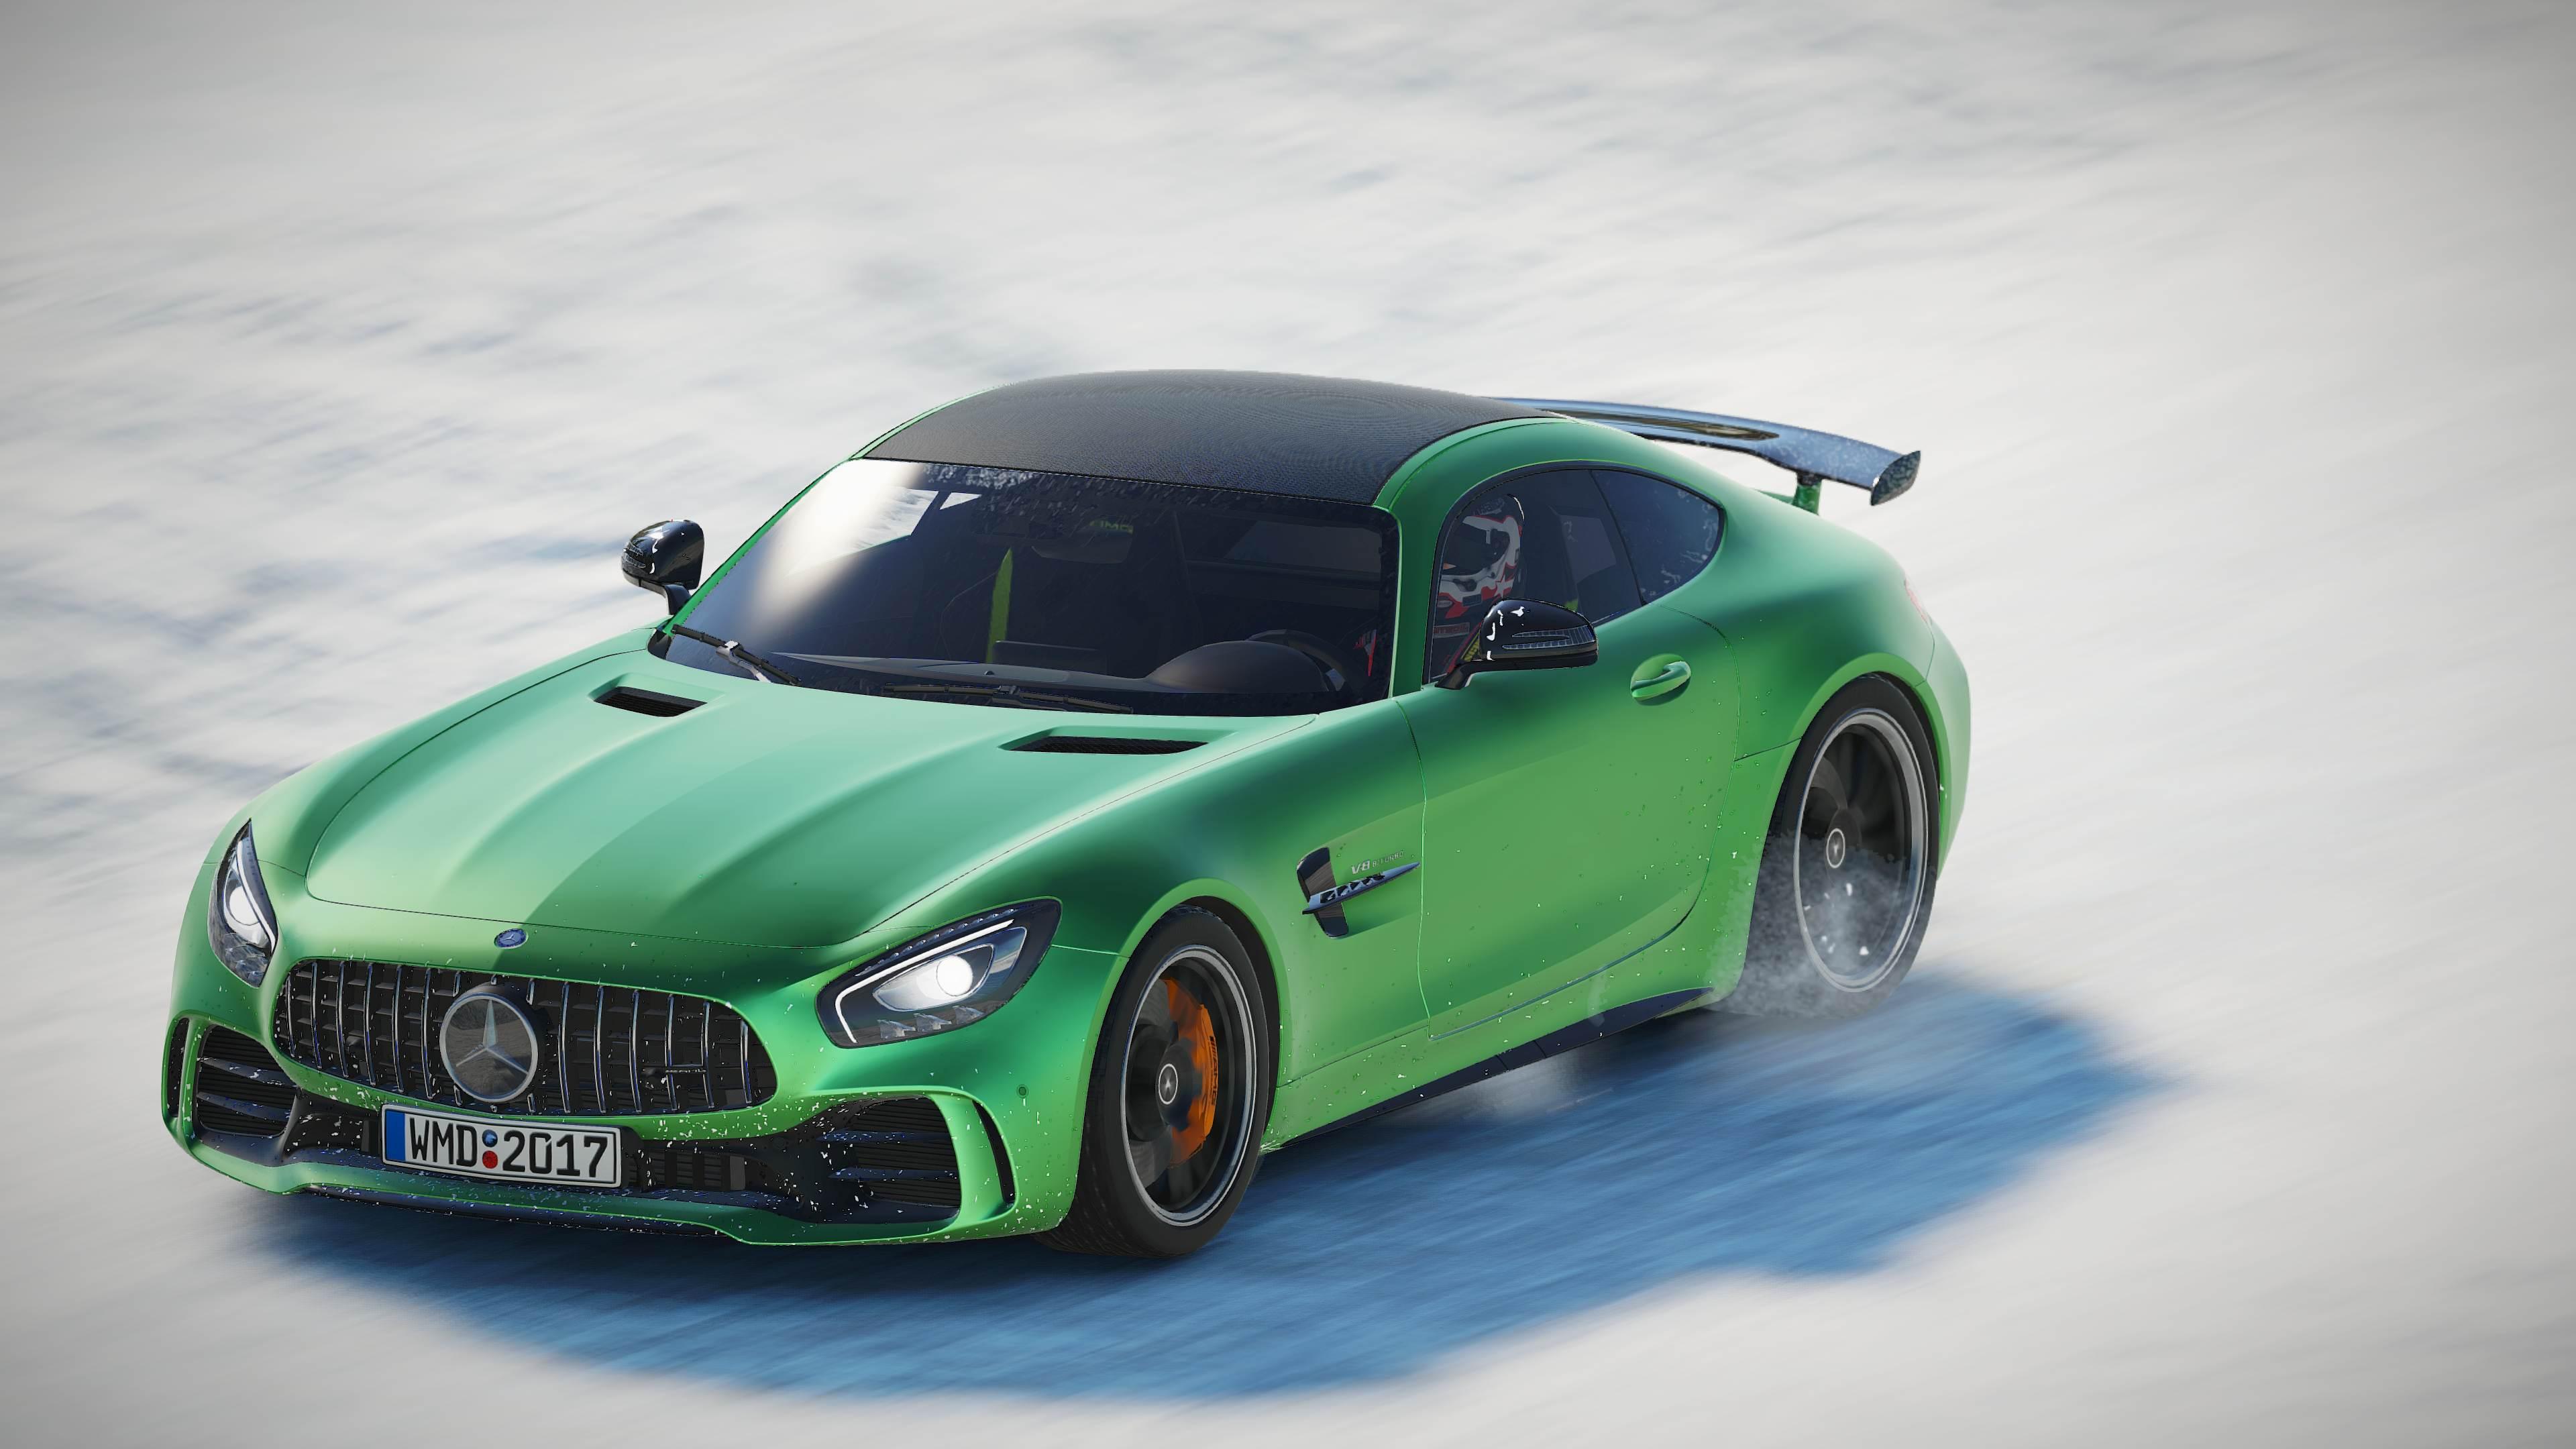 Auto motor und sport testwertungen - Project Cars 2 Bild 2